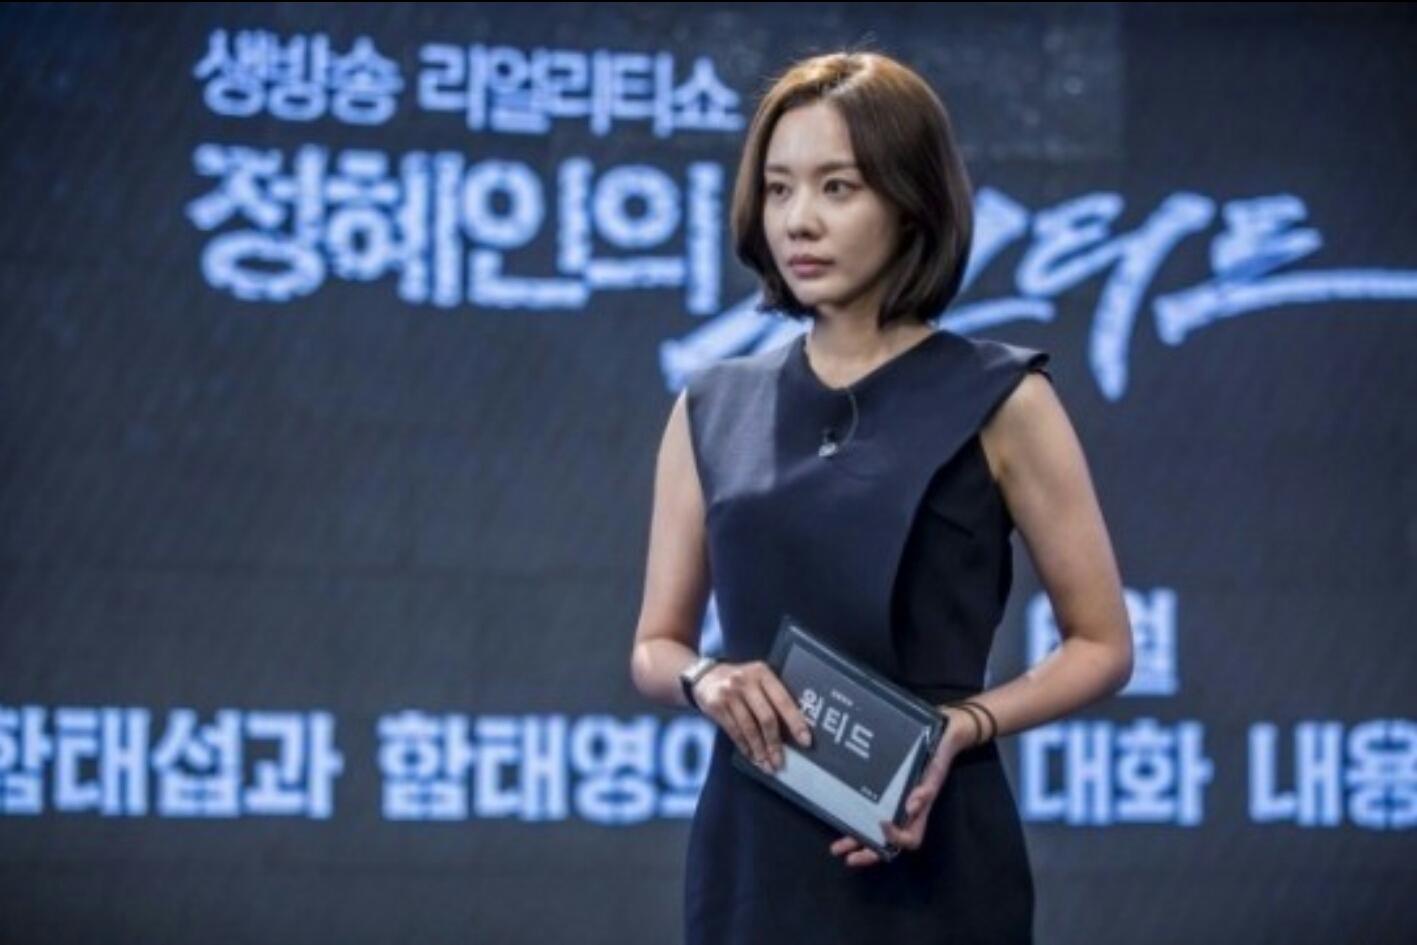 가습기 살균제 사건 담아낸 '원티드'…인간의 이기심..